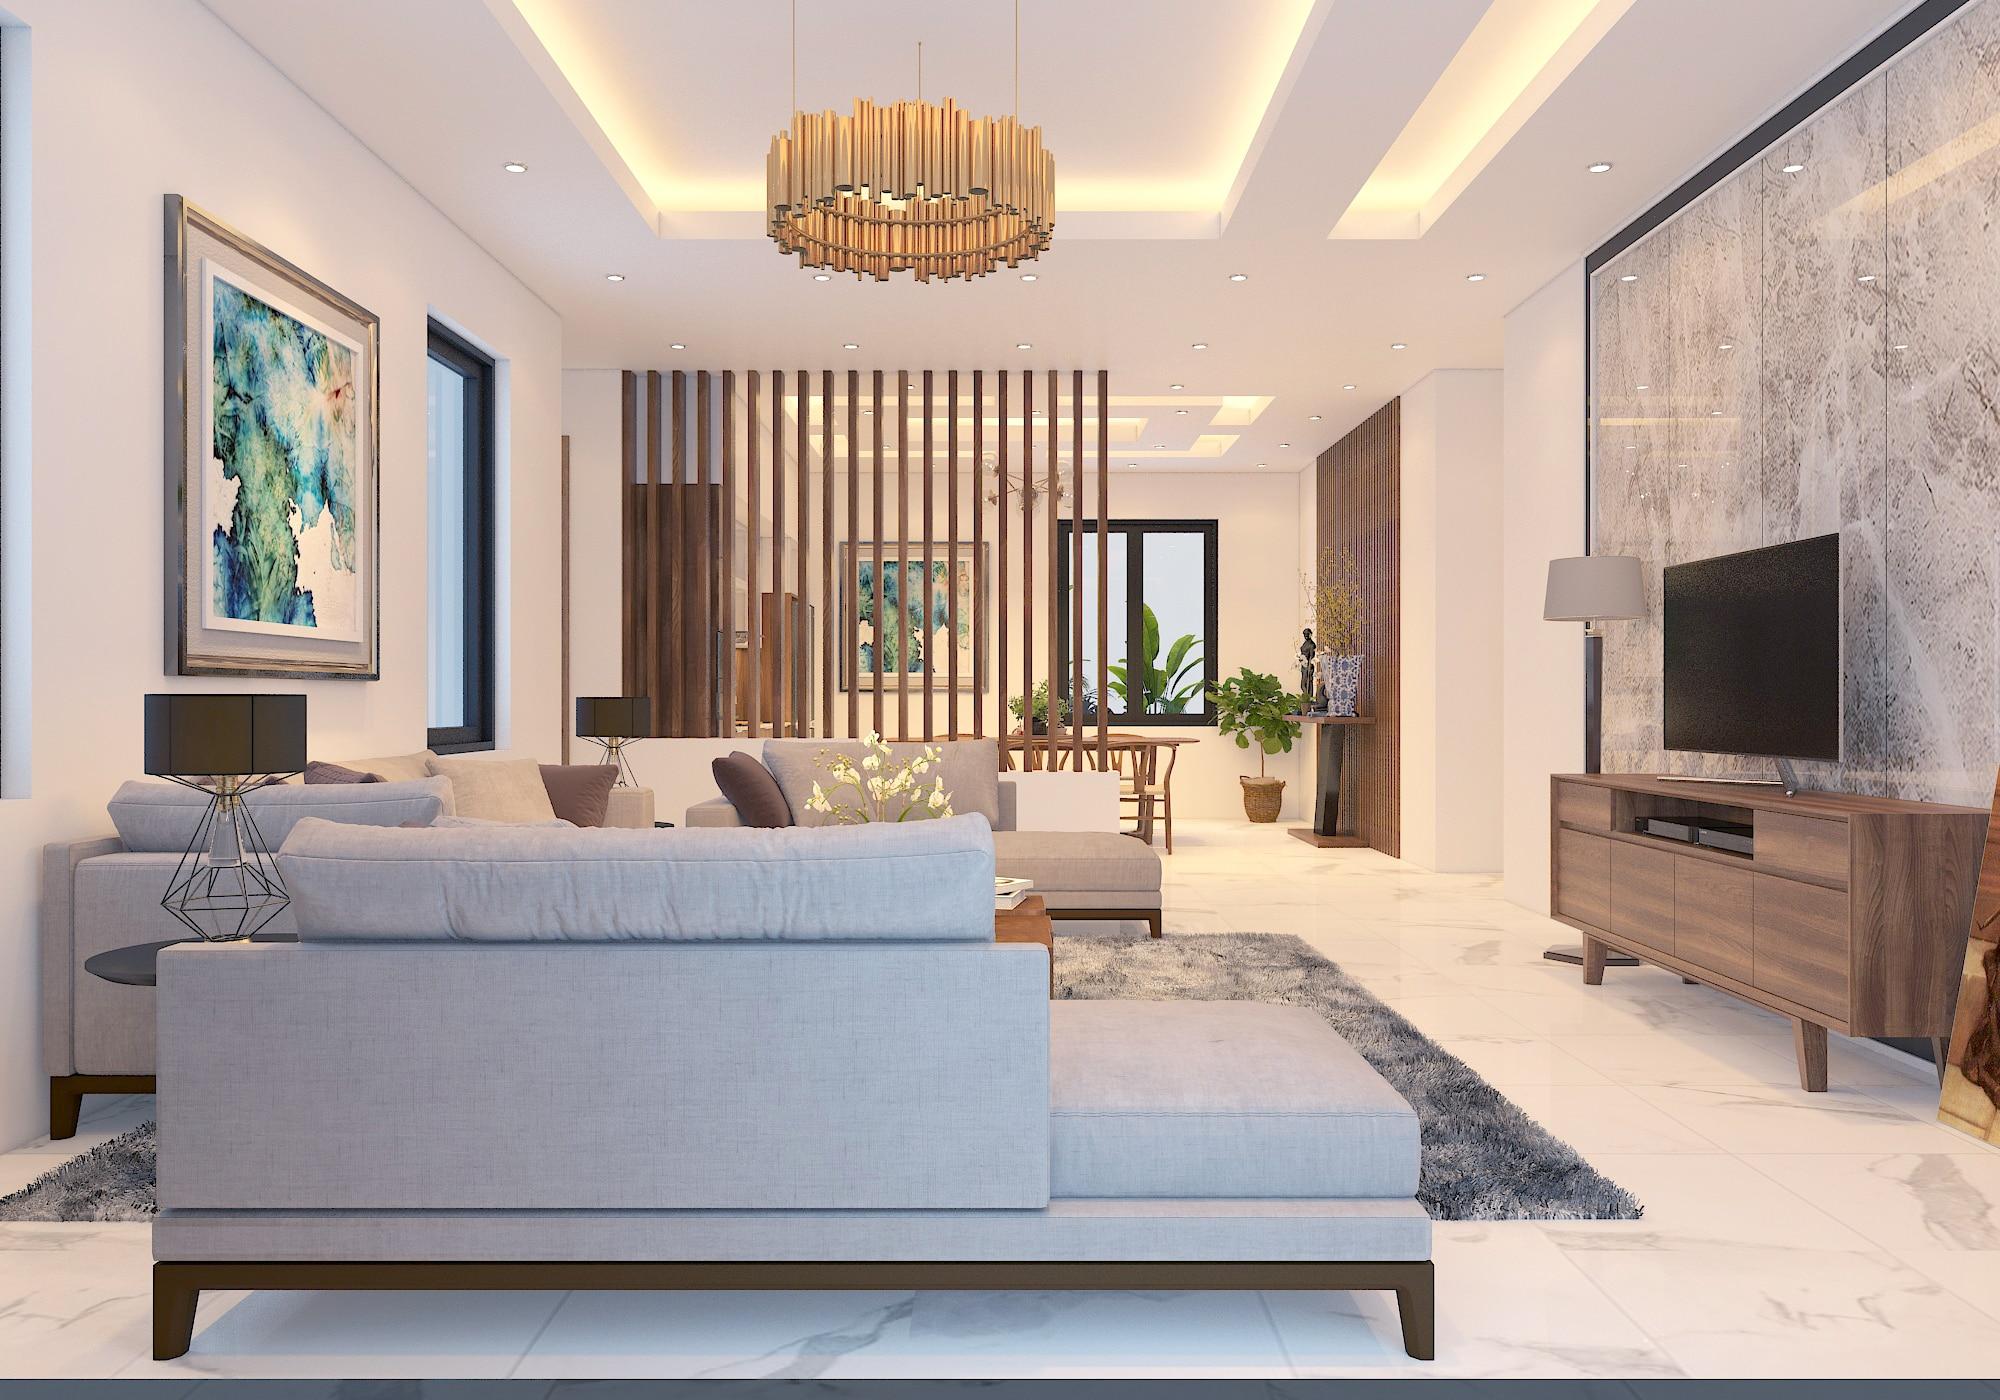 Nội thất nhà phố đẹp 2020